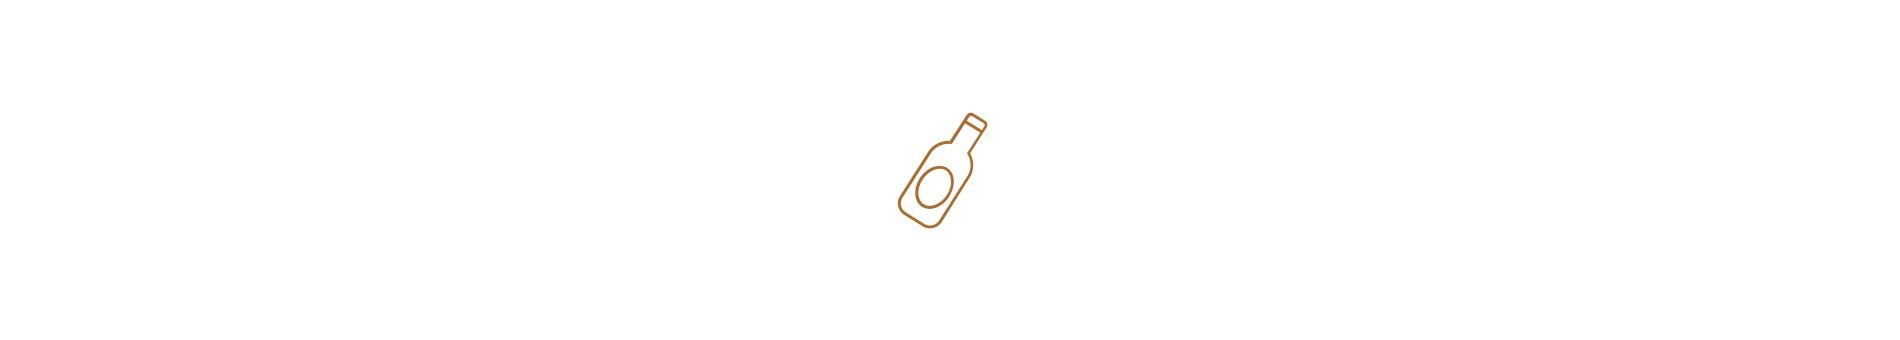 Eaux - Vins - Alcools